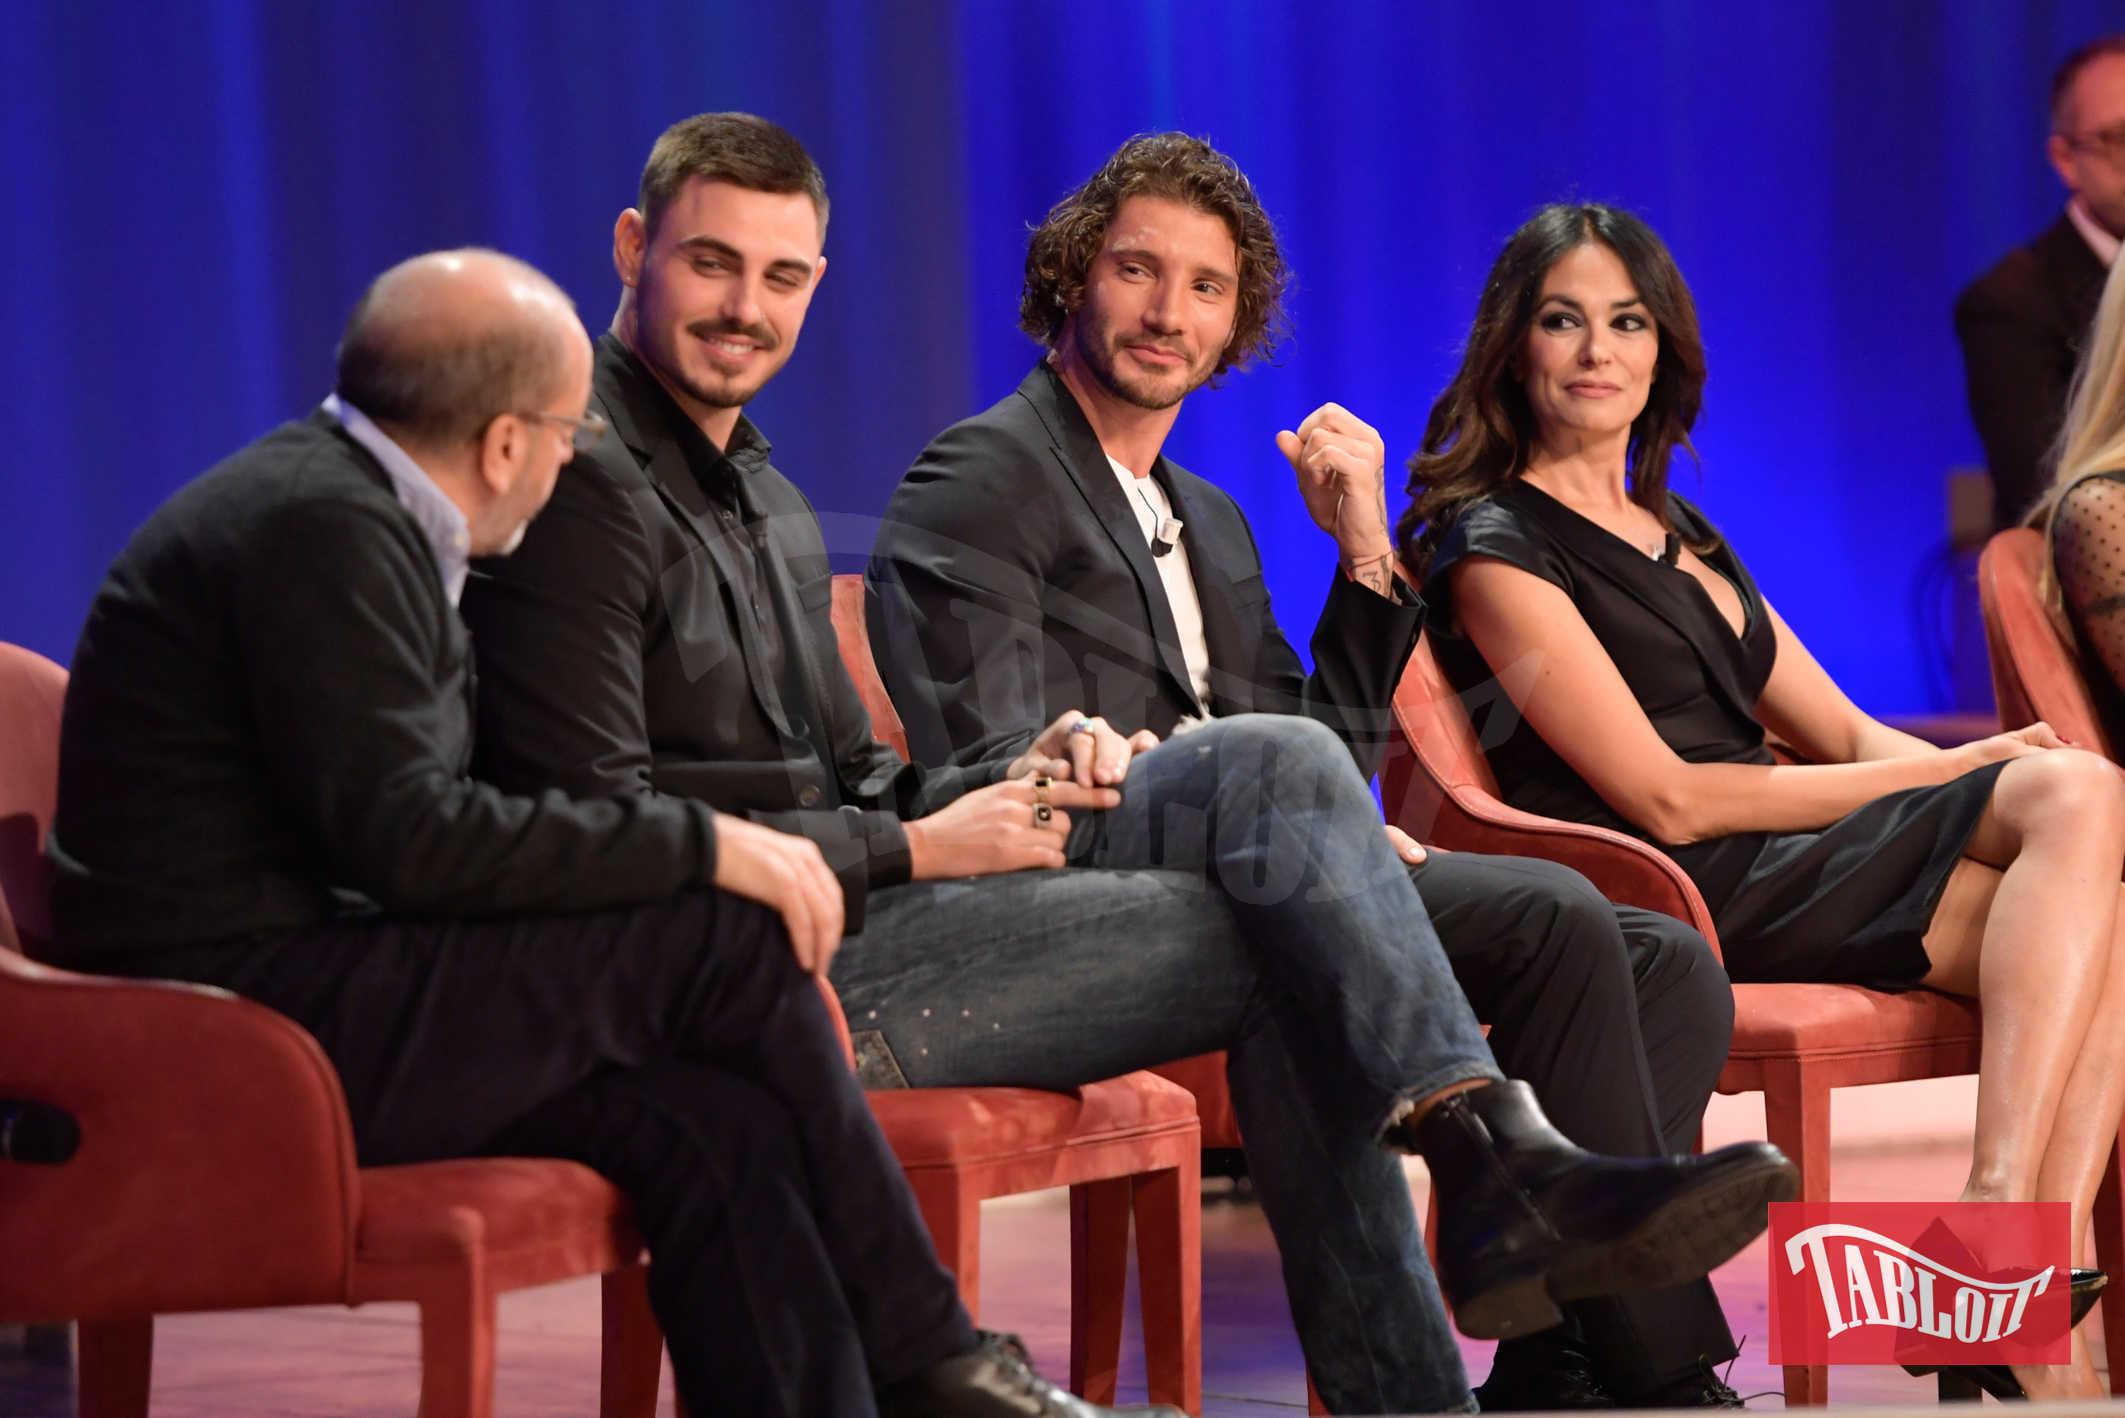 Tra gli ospiti del talk show anche Maria Grazia Cucinotta, Stefano De Martino, Michelle Hunziker e Corinne Clery